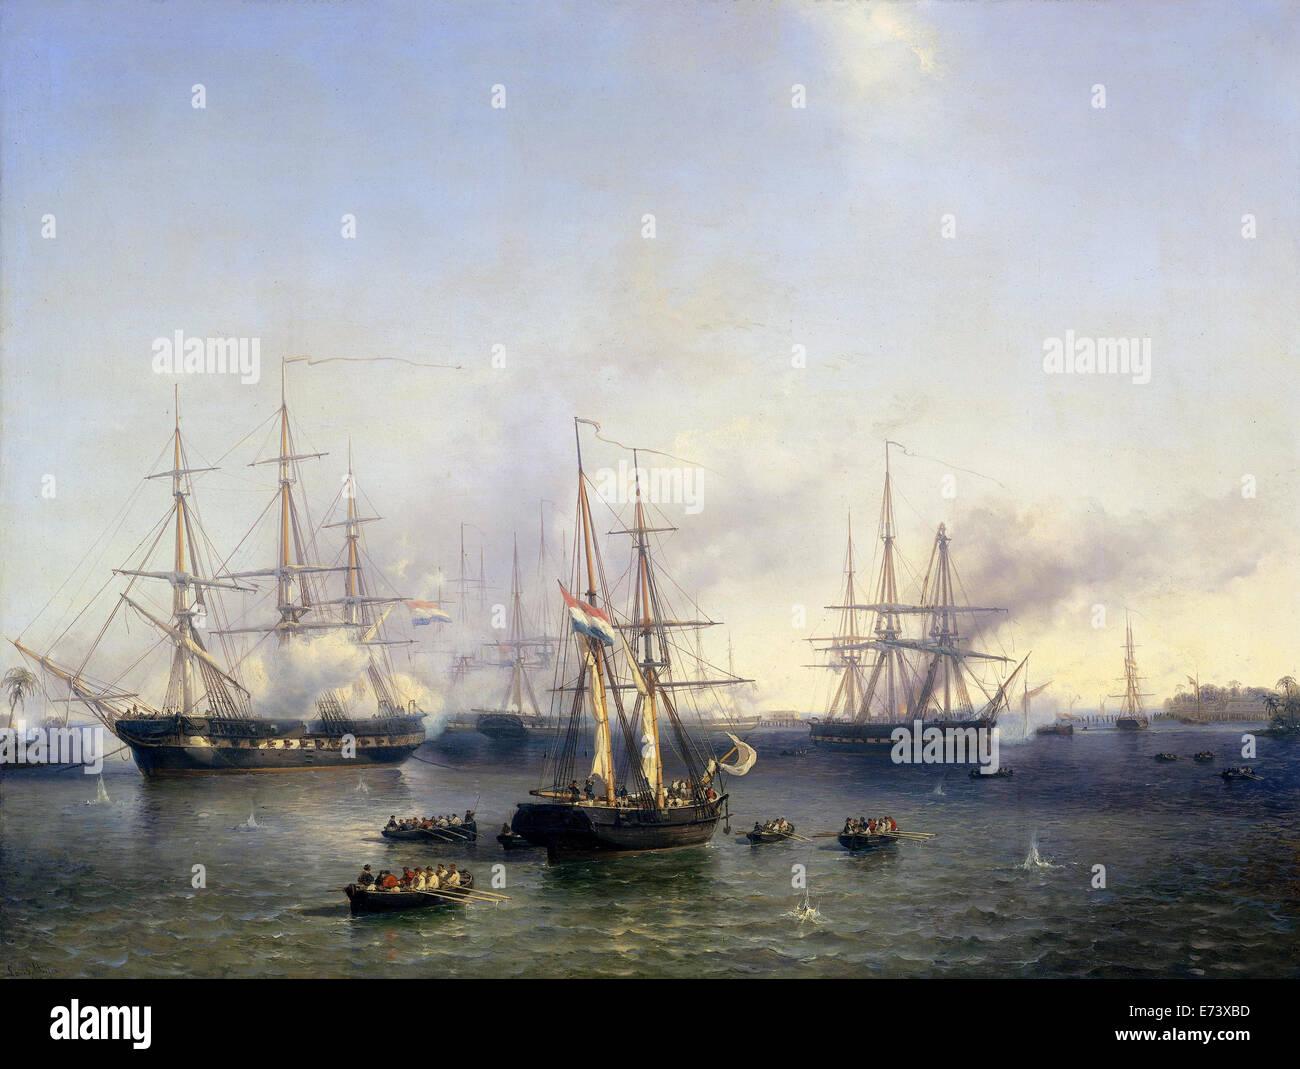 La conquista de Palembang (Sumatra) por el Teniente General Barón de Kock, 24 de junio de 1821 - por Louis Meijer, Foto de stock